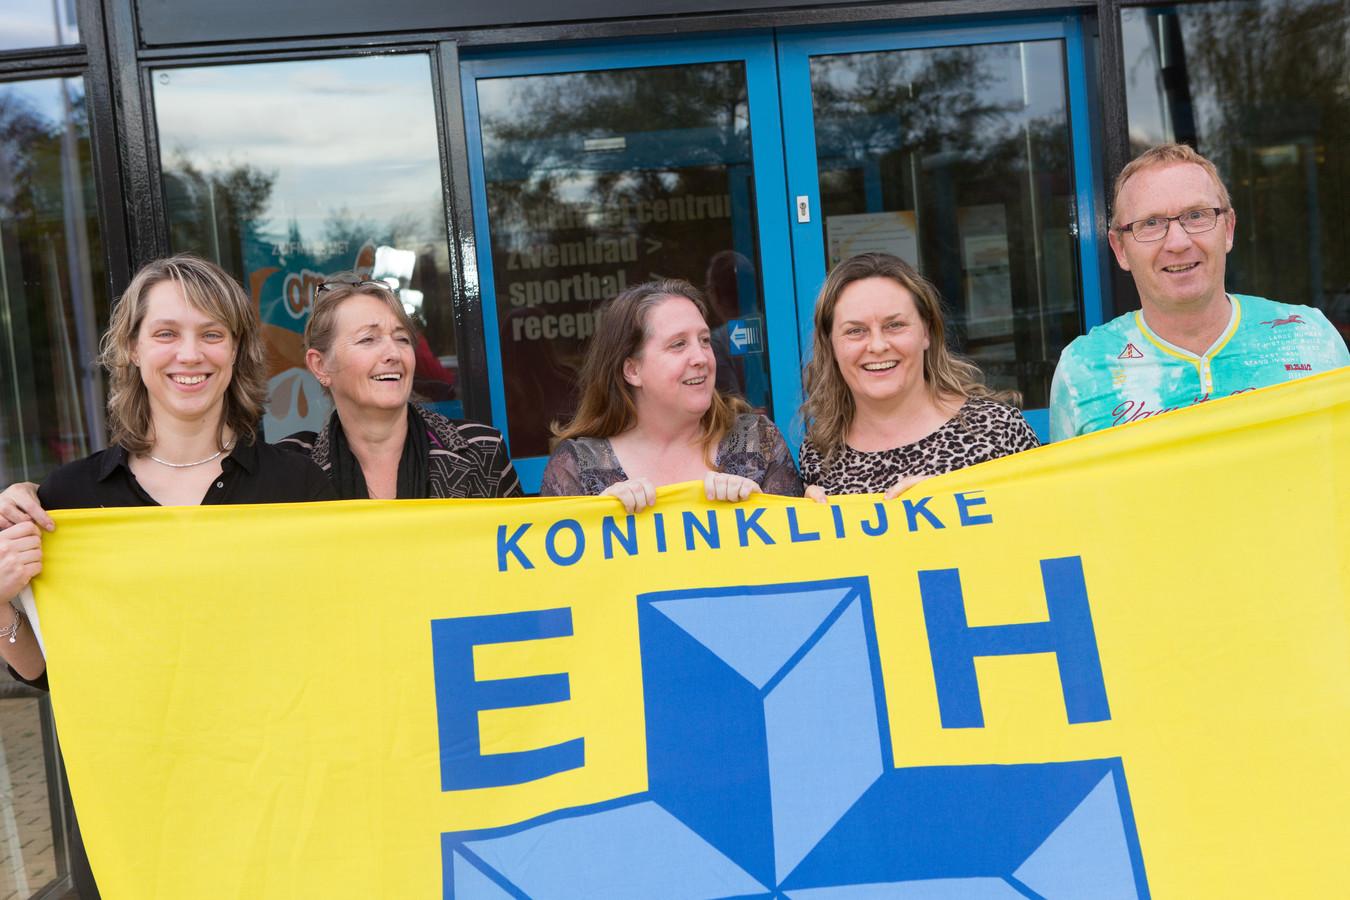 Jannie Nijhoff, Anita Vulkers, Ingrid Helbers, Janneke Bruins en Gerrit Stokvisch (VLNR) zoeken een nieuwe voorzitter voor EHBO Ommen  editie Vechtdal  foto Max de Krijger 2019126